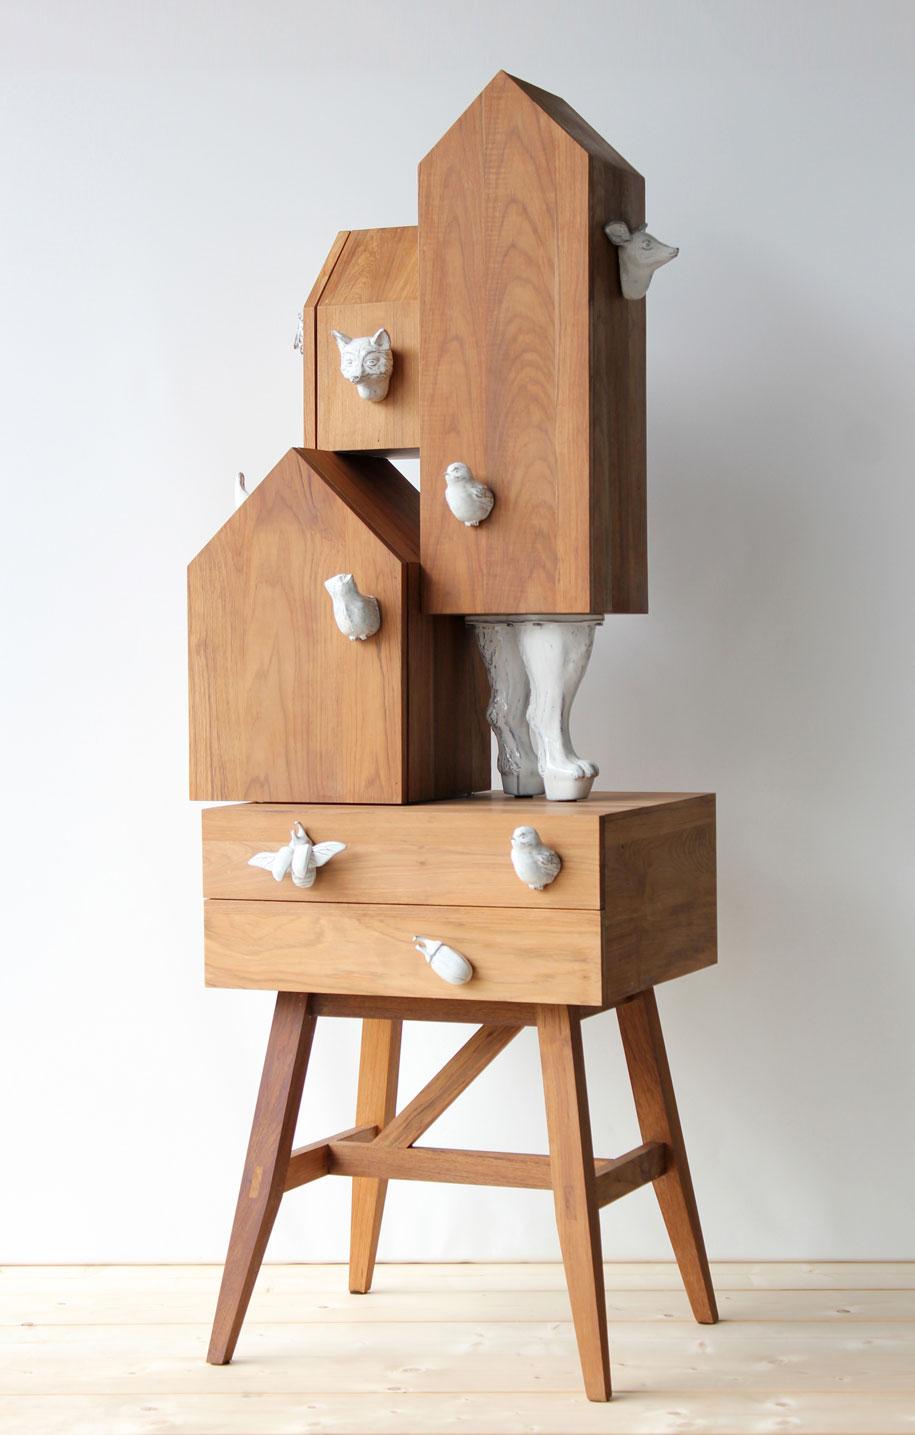 habitat-I-shelve-by-Ateliertwoplus